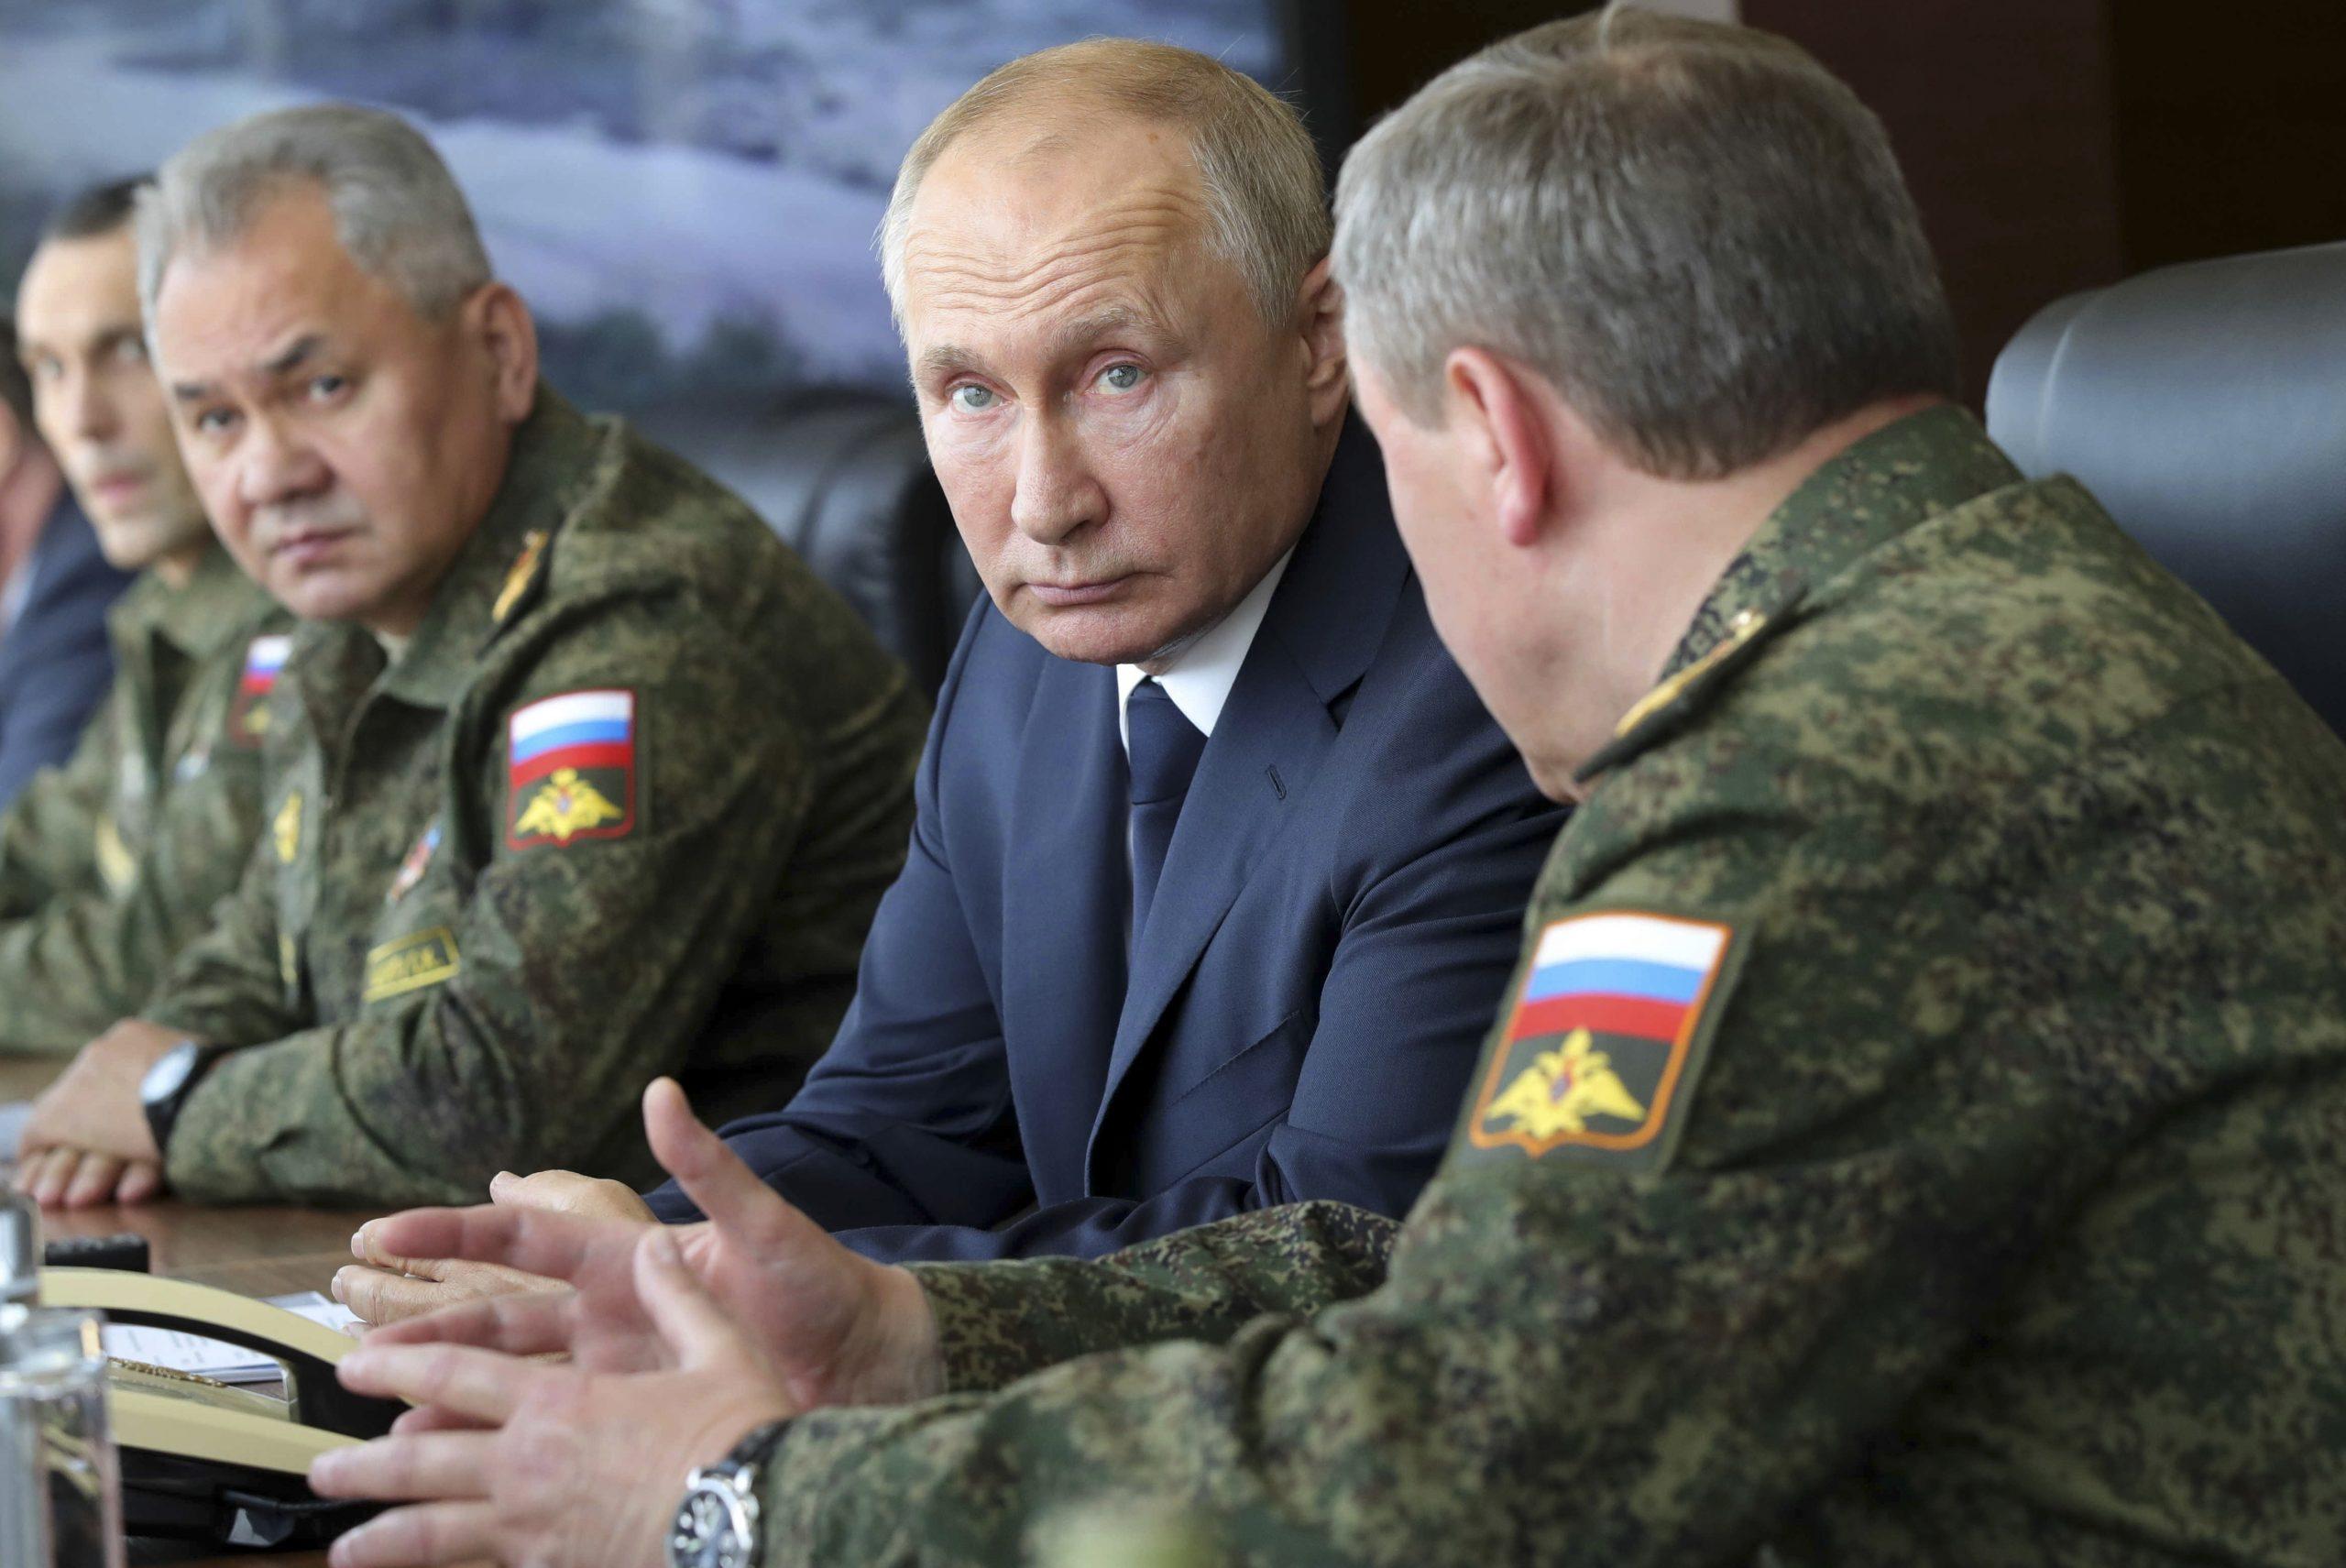 Mosca e Teheran verso una maggiore cooperazione militare